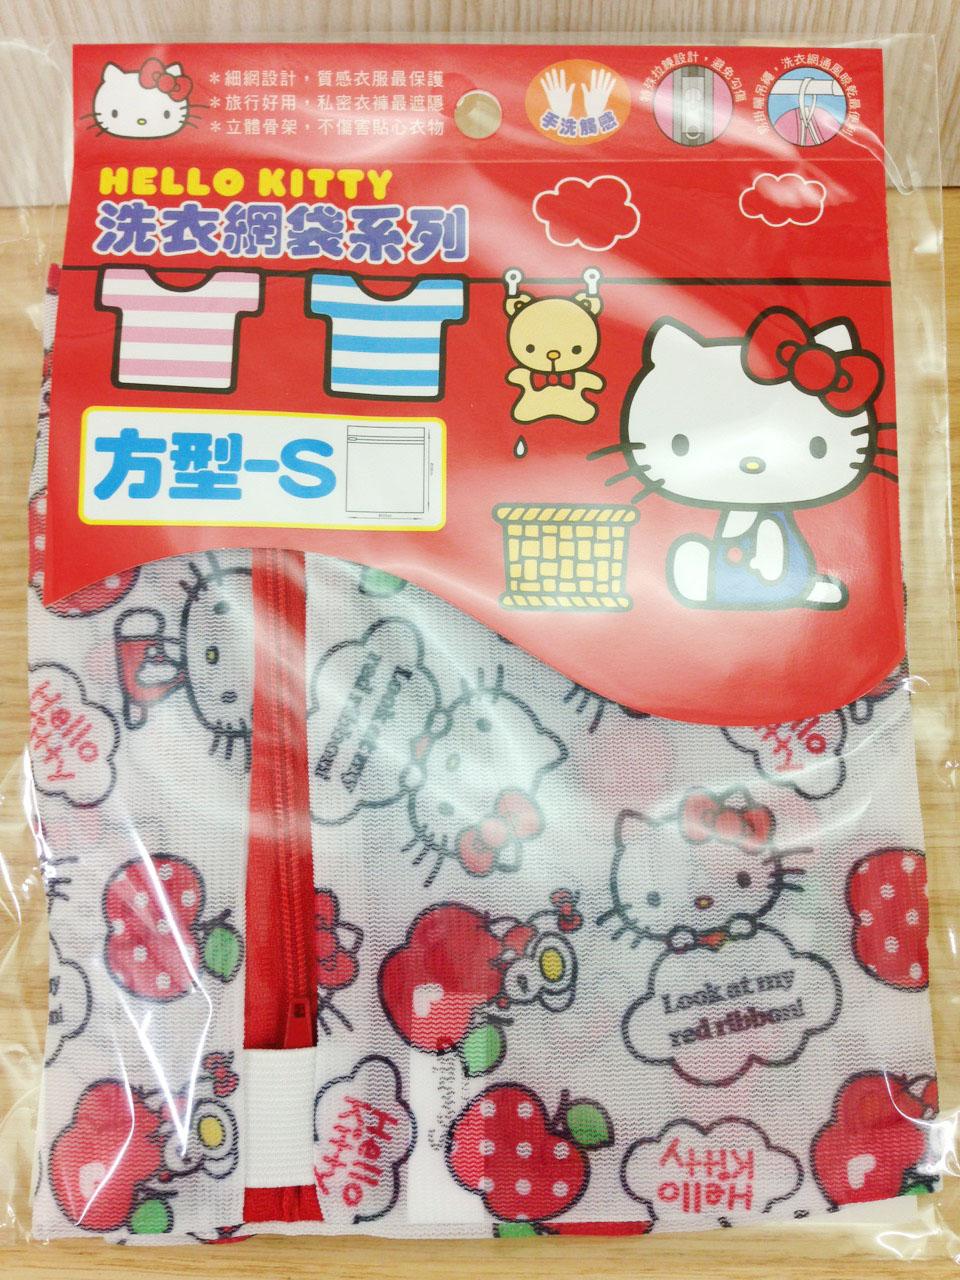 【真愛日本】16011200003洗衣網袋S-方型33*38蘋果  三麗鷗 Hello Kitty 凱蒂貓 洗衣袋 日用品 89元